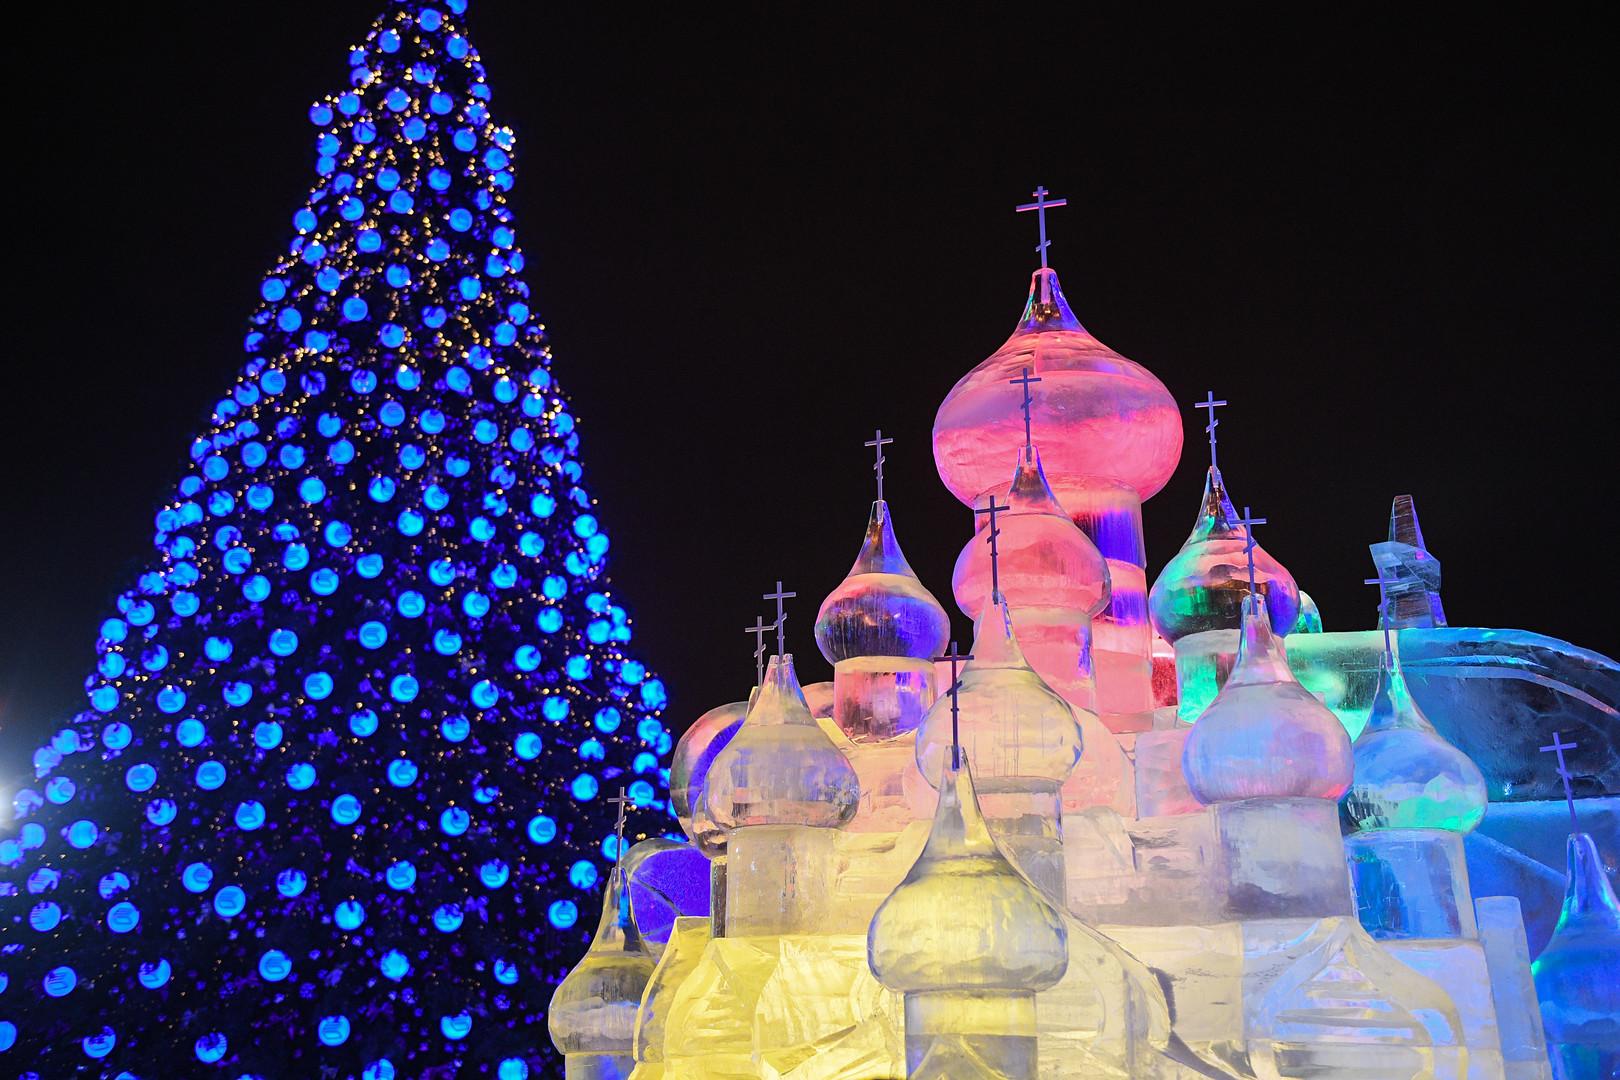 Мой новогодний город: как улицы российских мегаполисов украсили к празднику